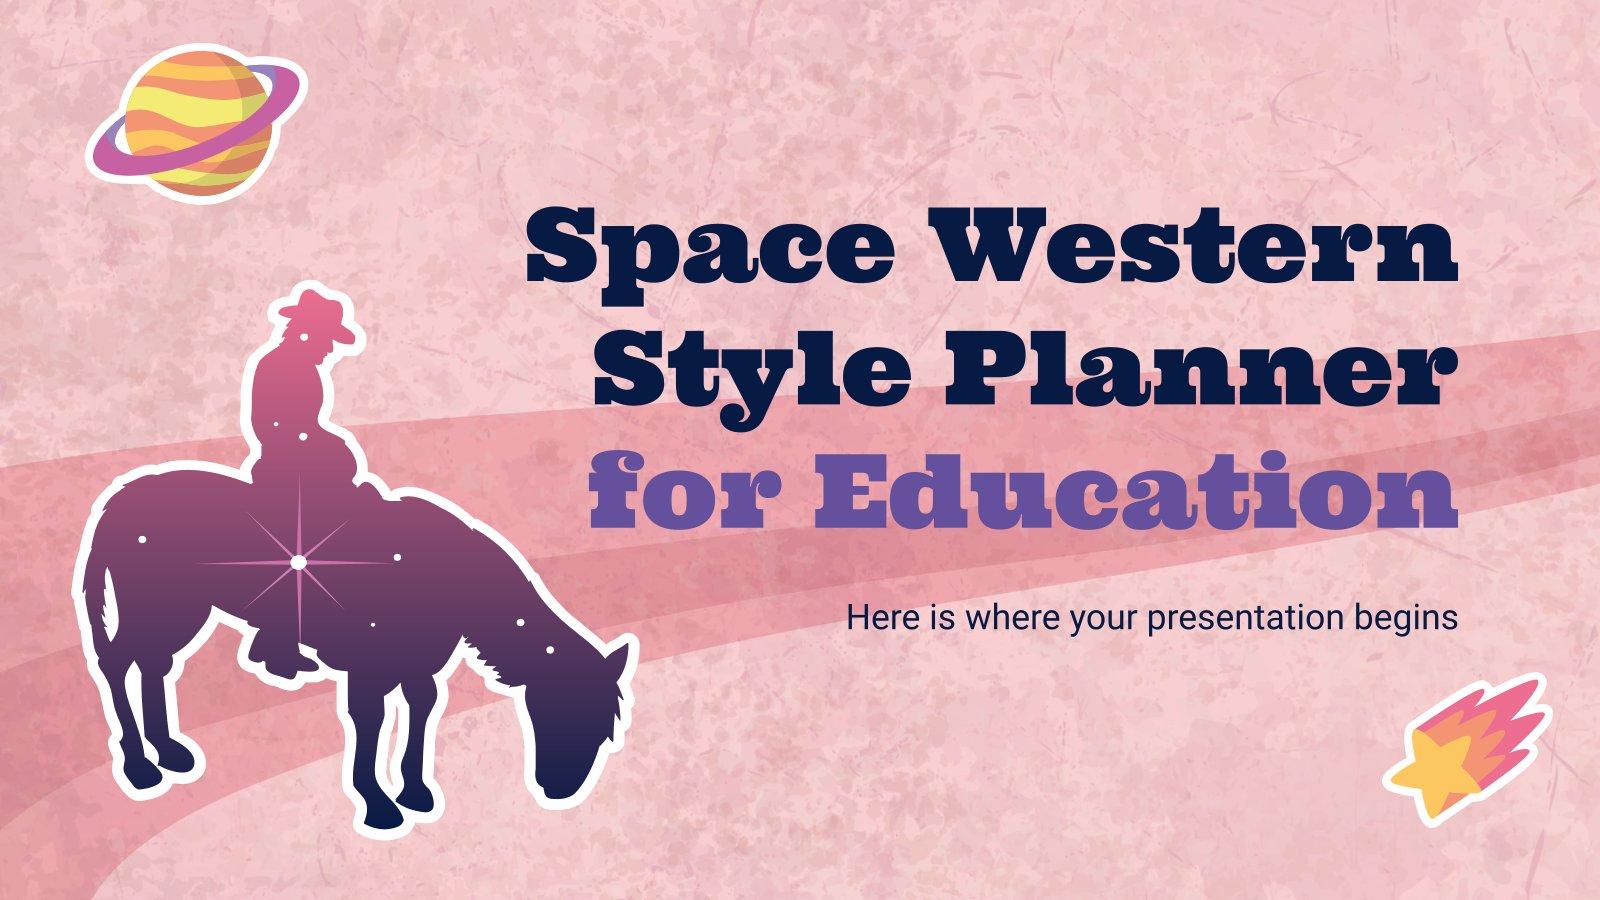 Modelo de apresentação Planejador de estilo western espacial para educação